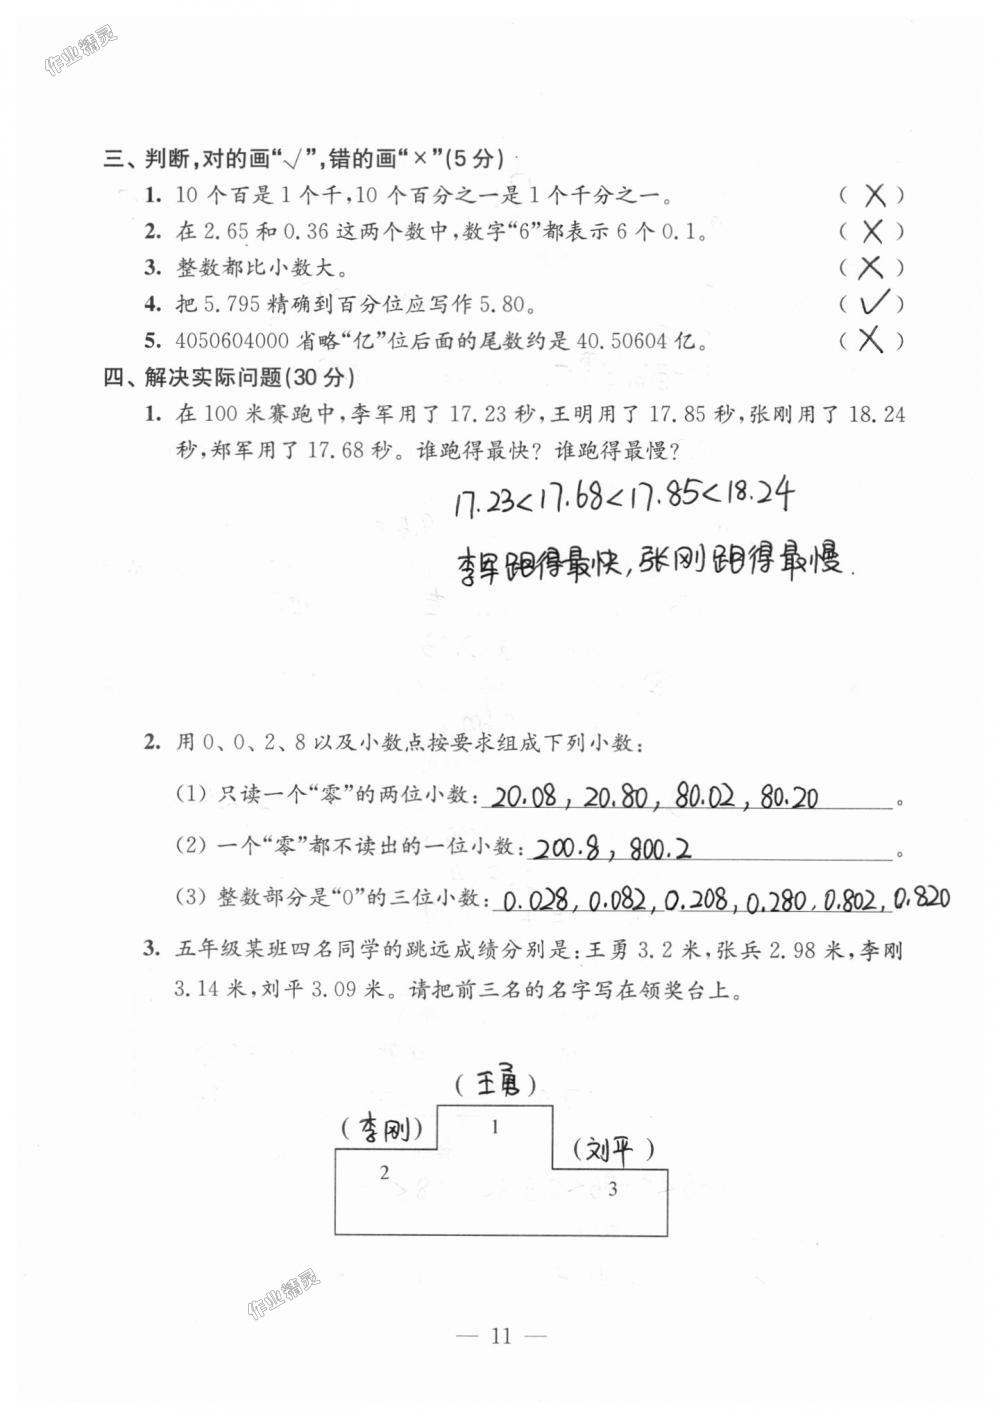 2018年练习与测试检测卷五年级数学上册苏教版第11页